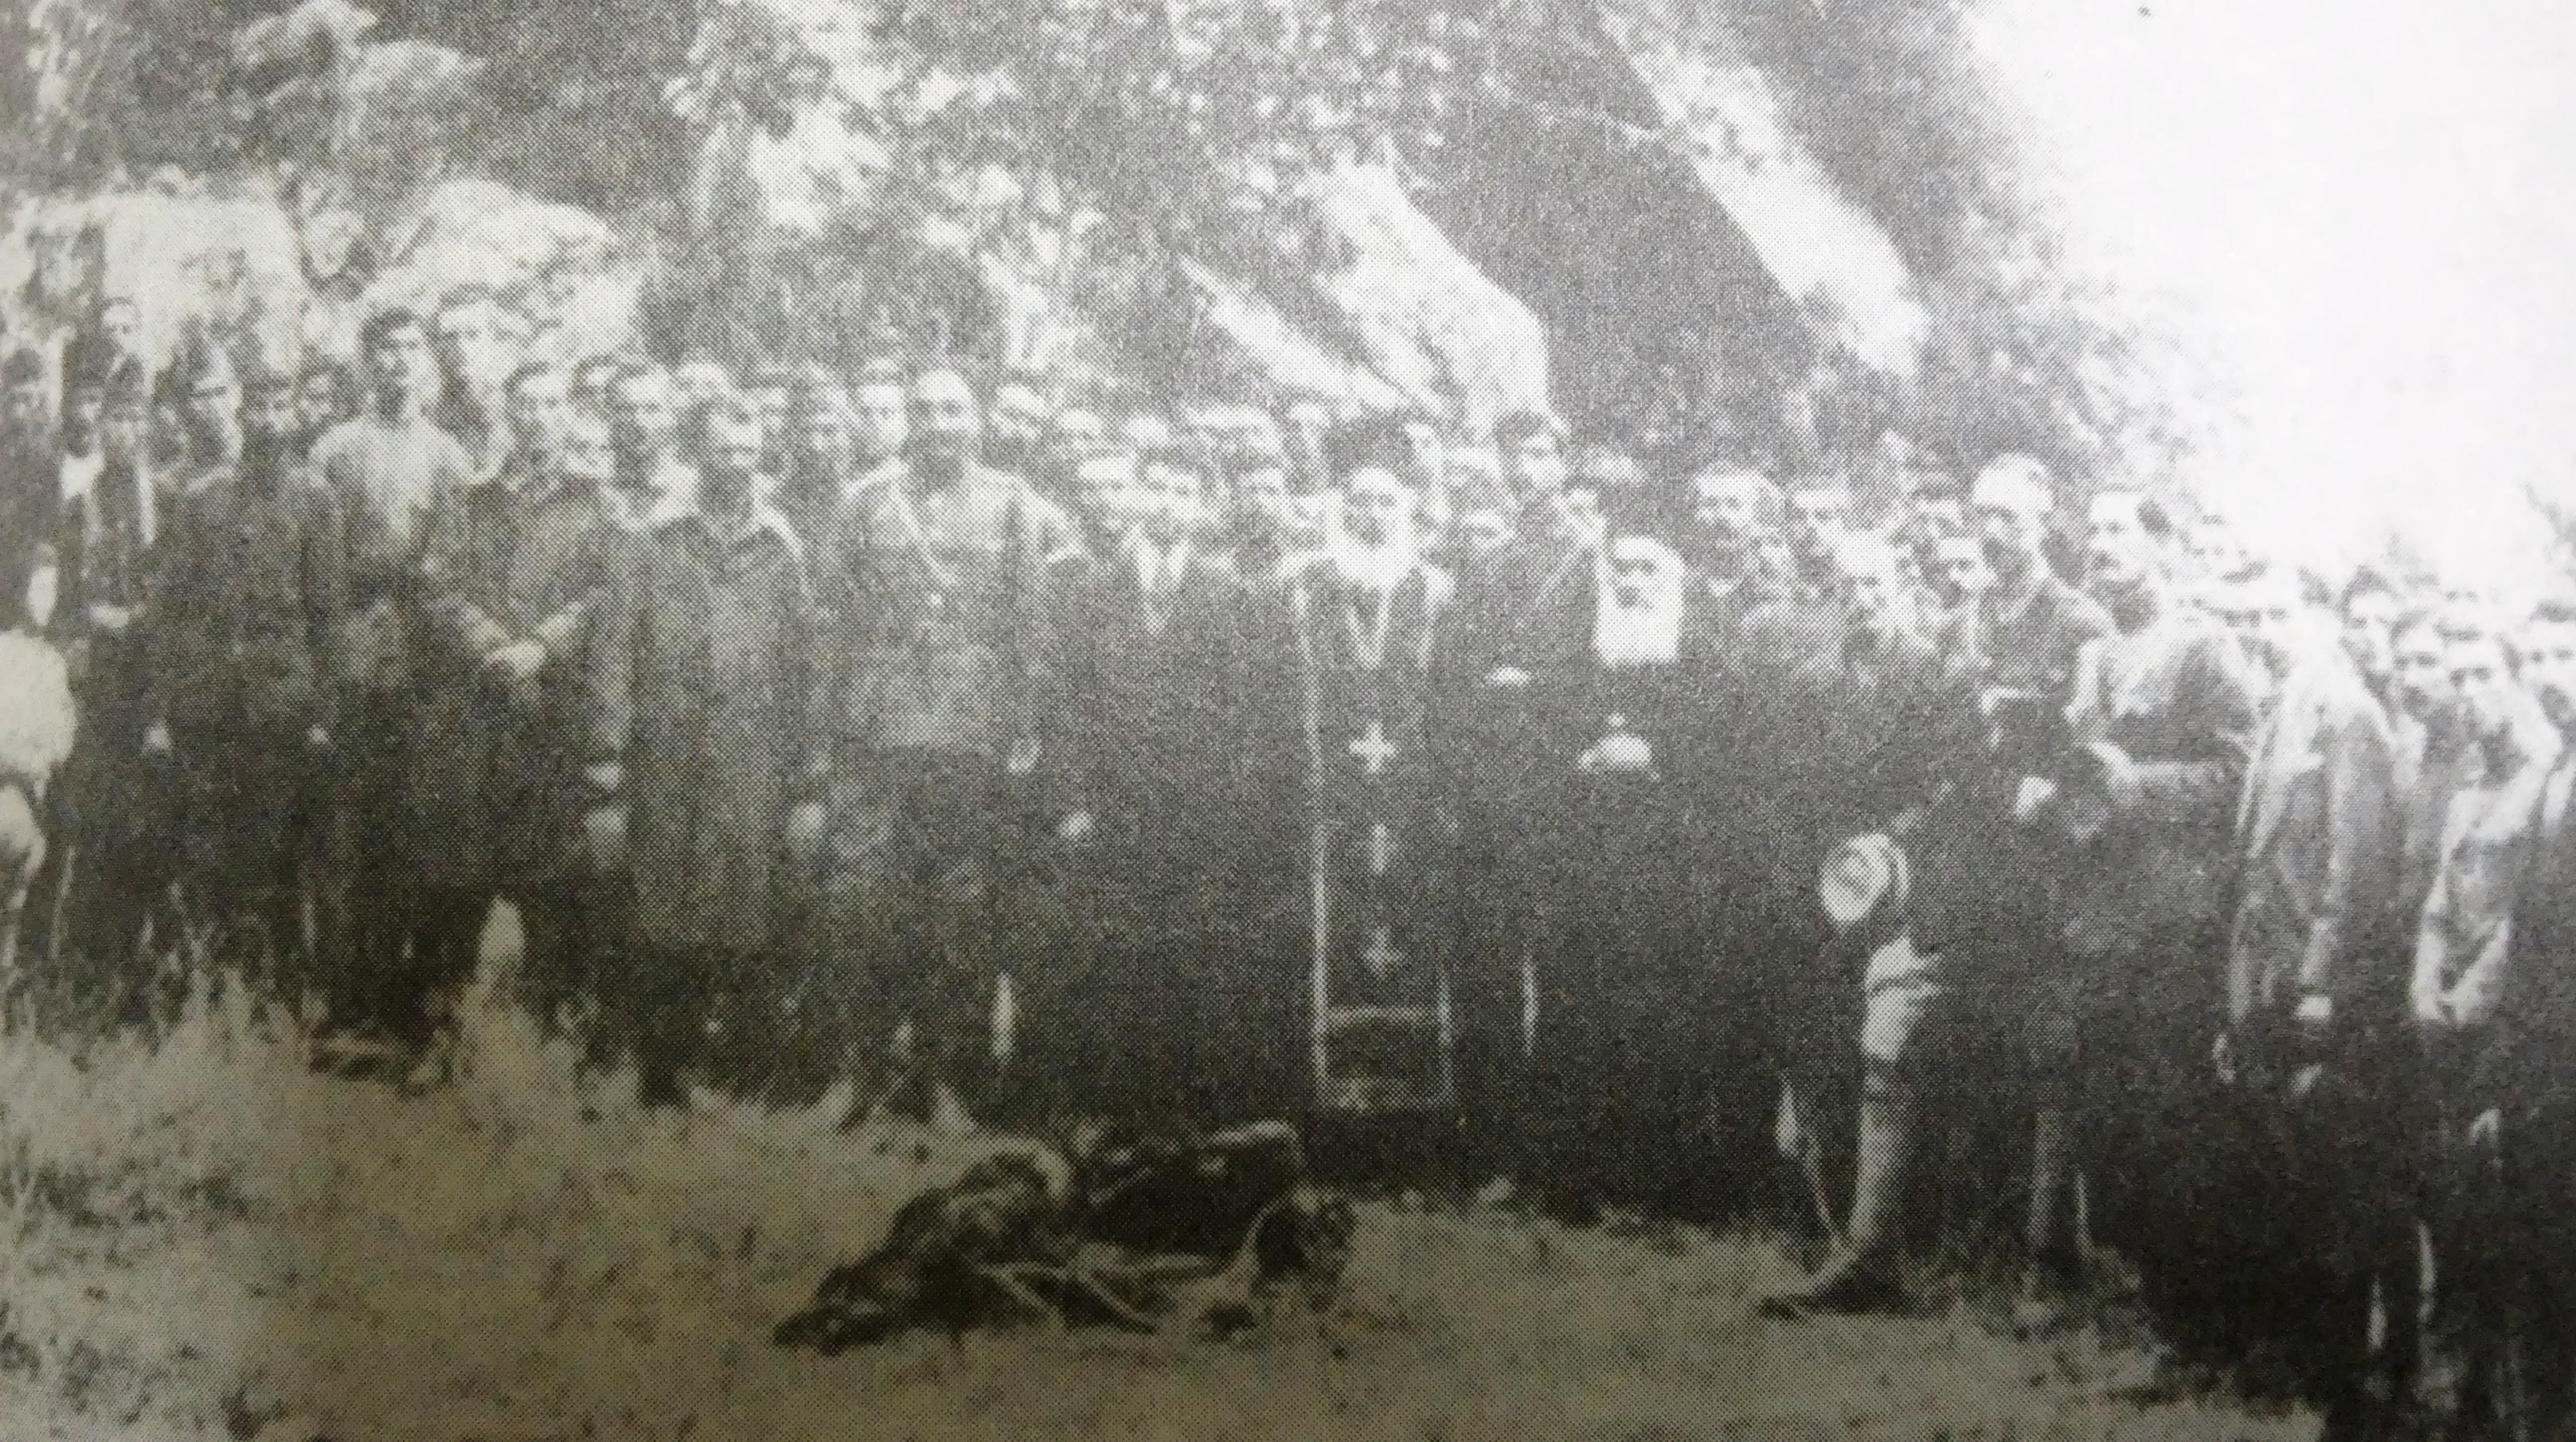 Ο μητροπολίτης Νικαίας Βασίλειος ψάλλει νεκρώσιμη δέηση. Δίπλα οι στρατιωτικοί ακόλουθοι (1920)